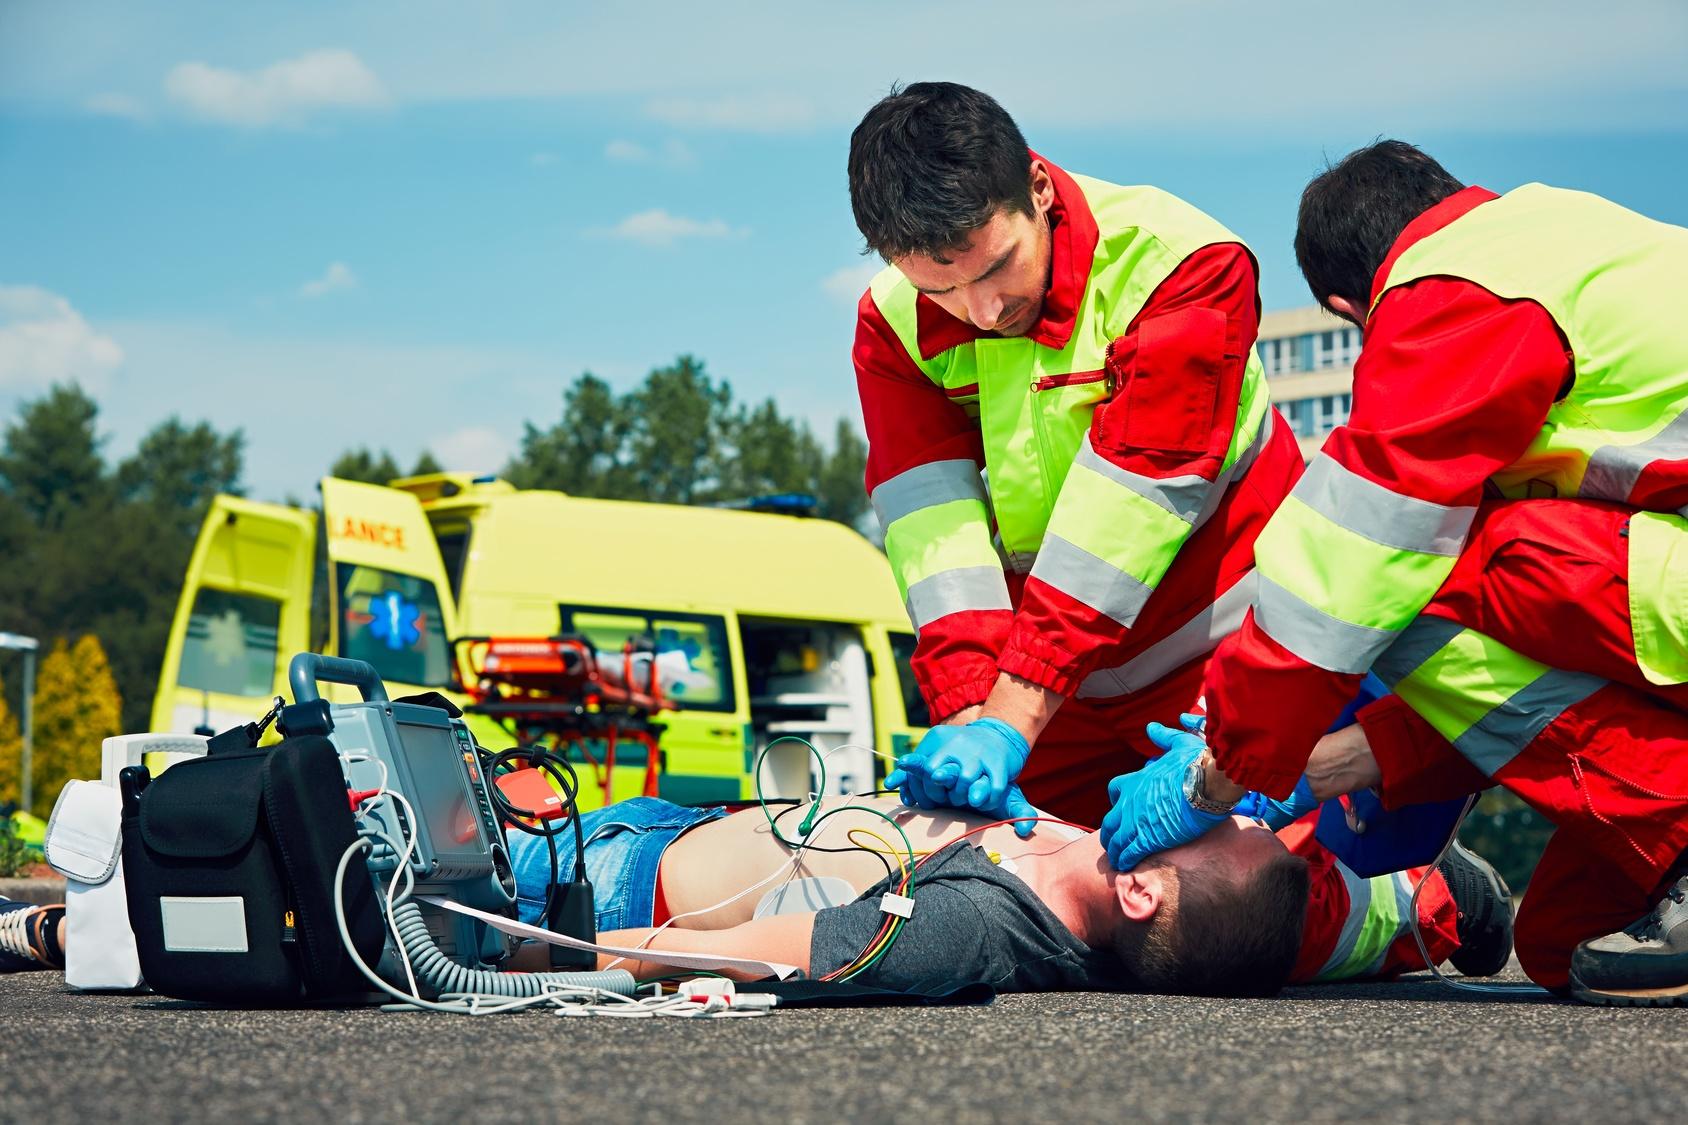 Zwei Rettungssanitäter reanimieren eine am Boden liegende Person